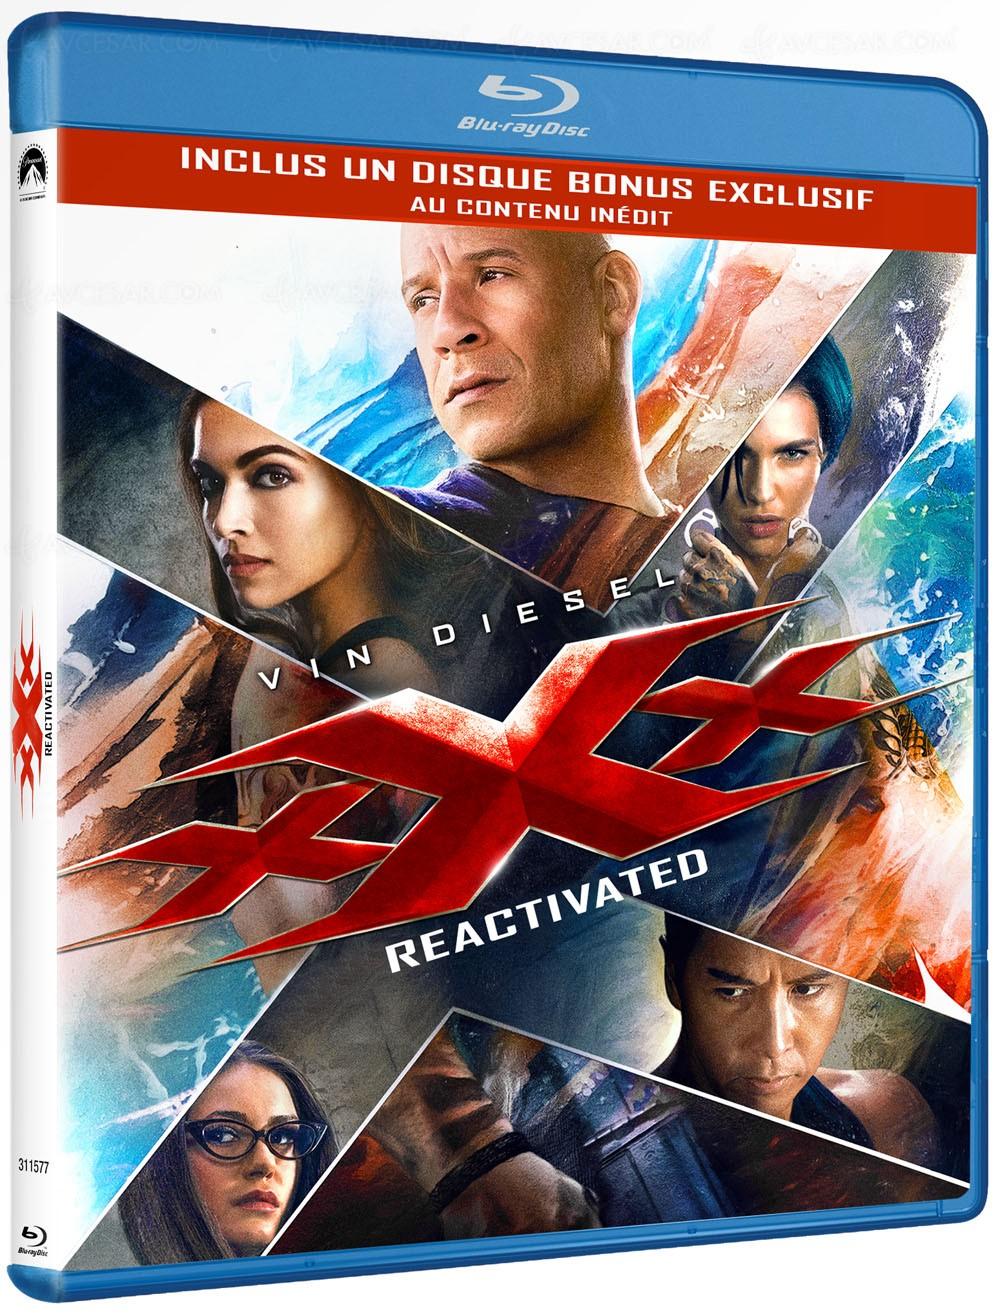 XXx reactivated 0